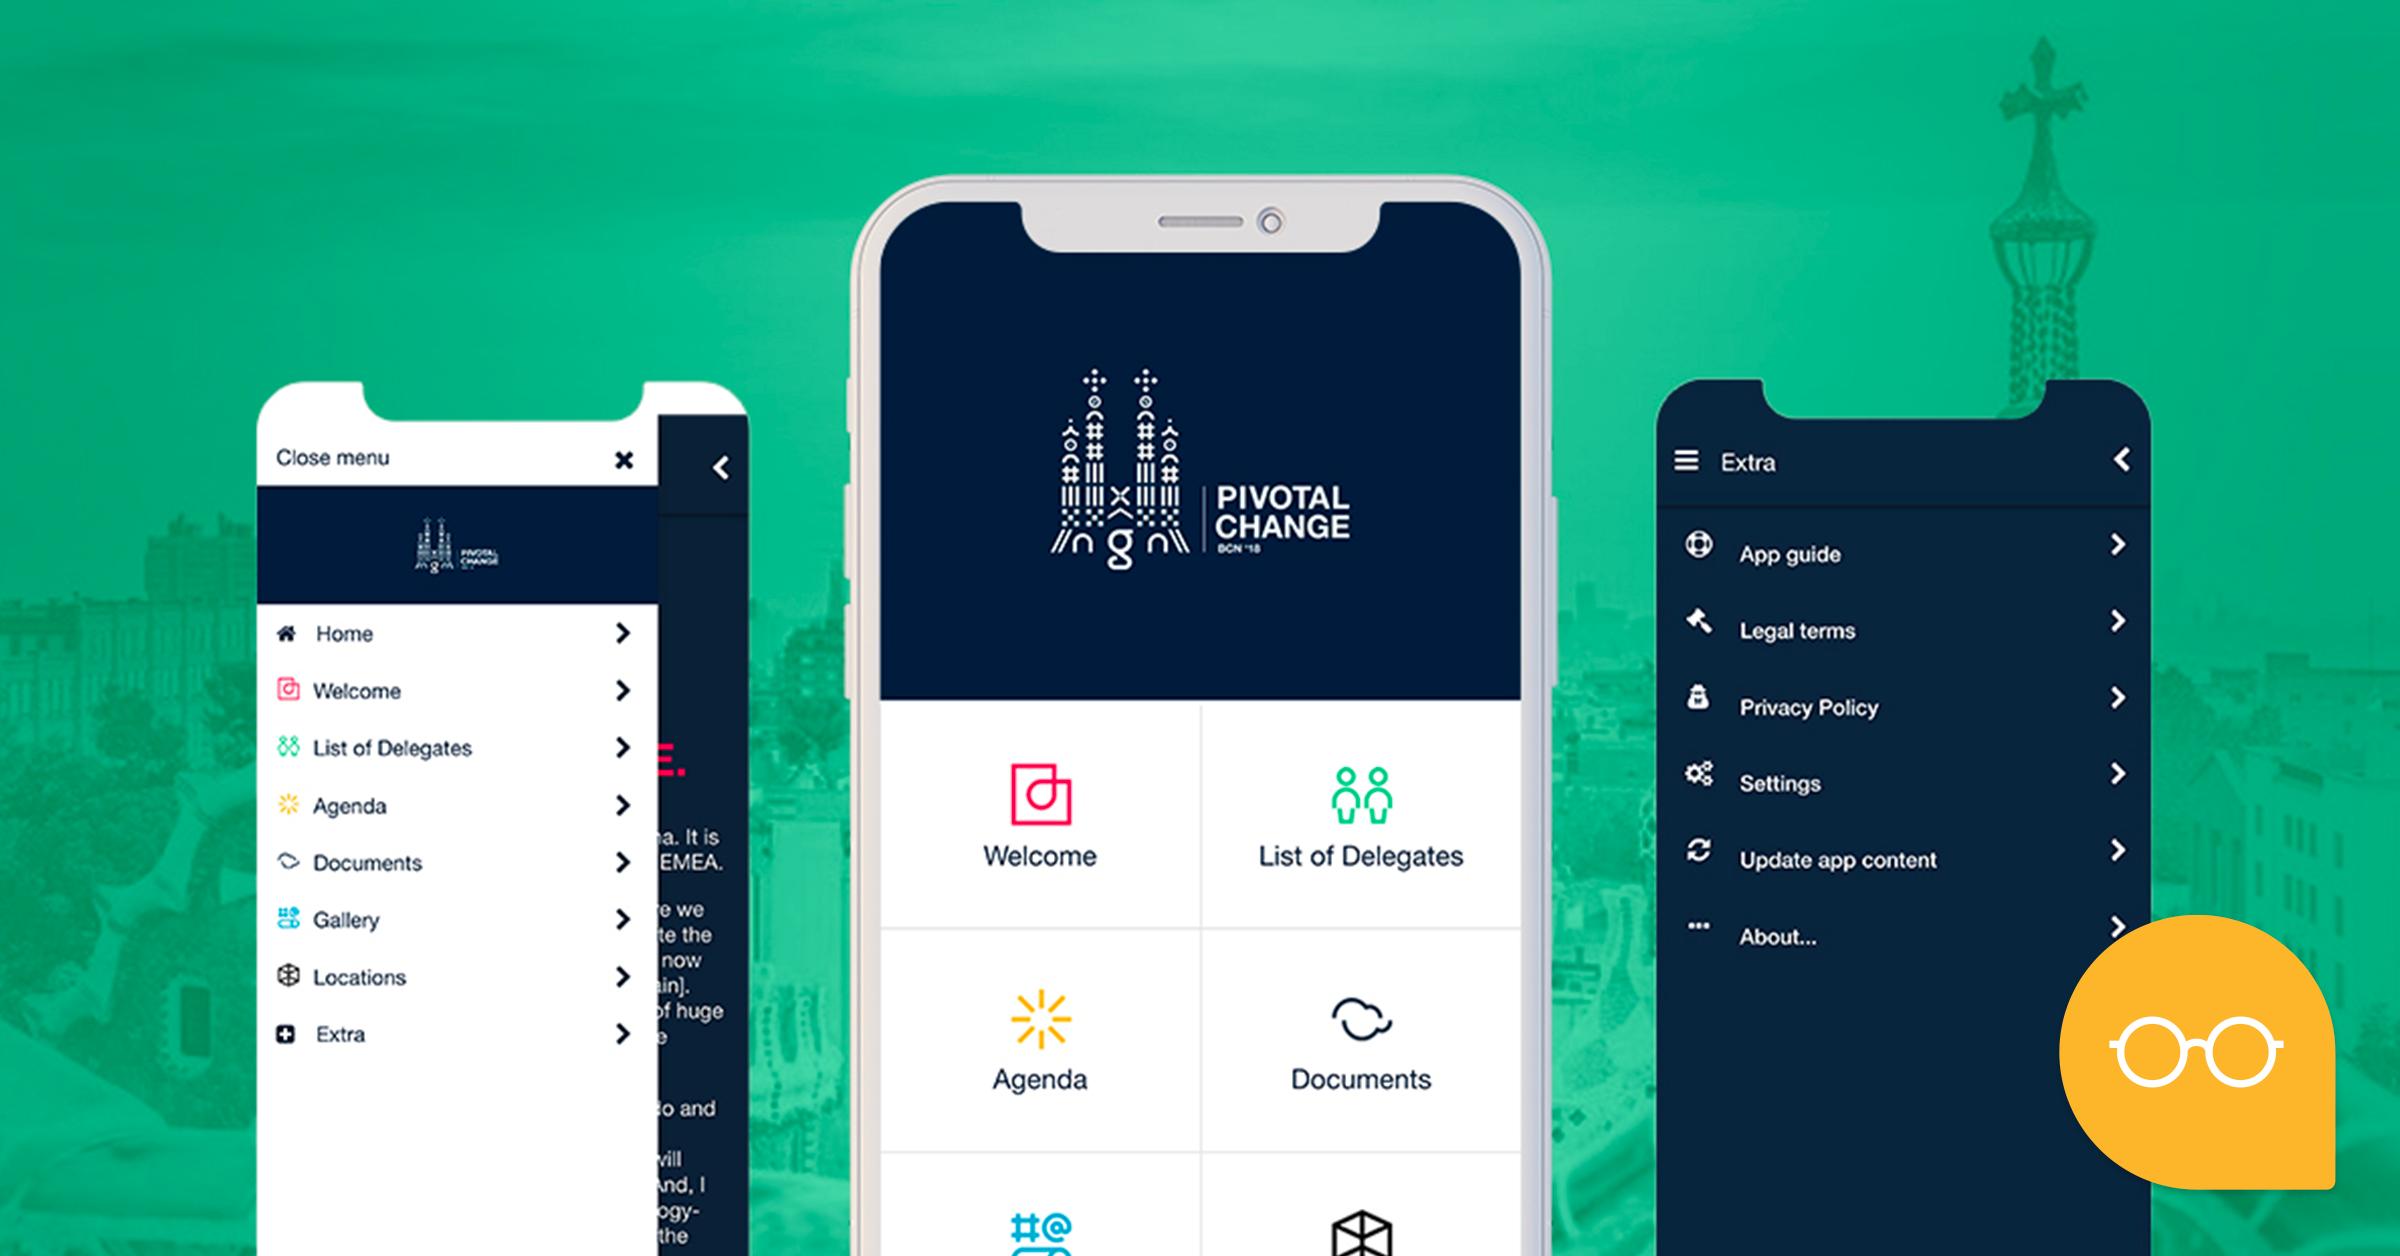 PIVOTAL CHANGE BCN'18: Kundenspezifische Apps für Veranstaltungen